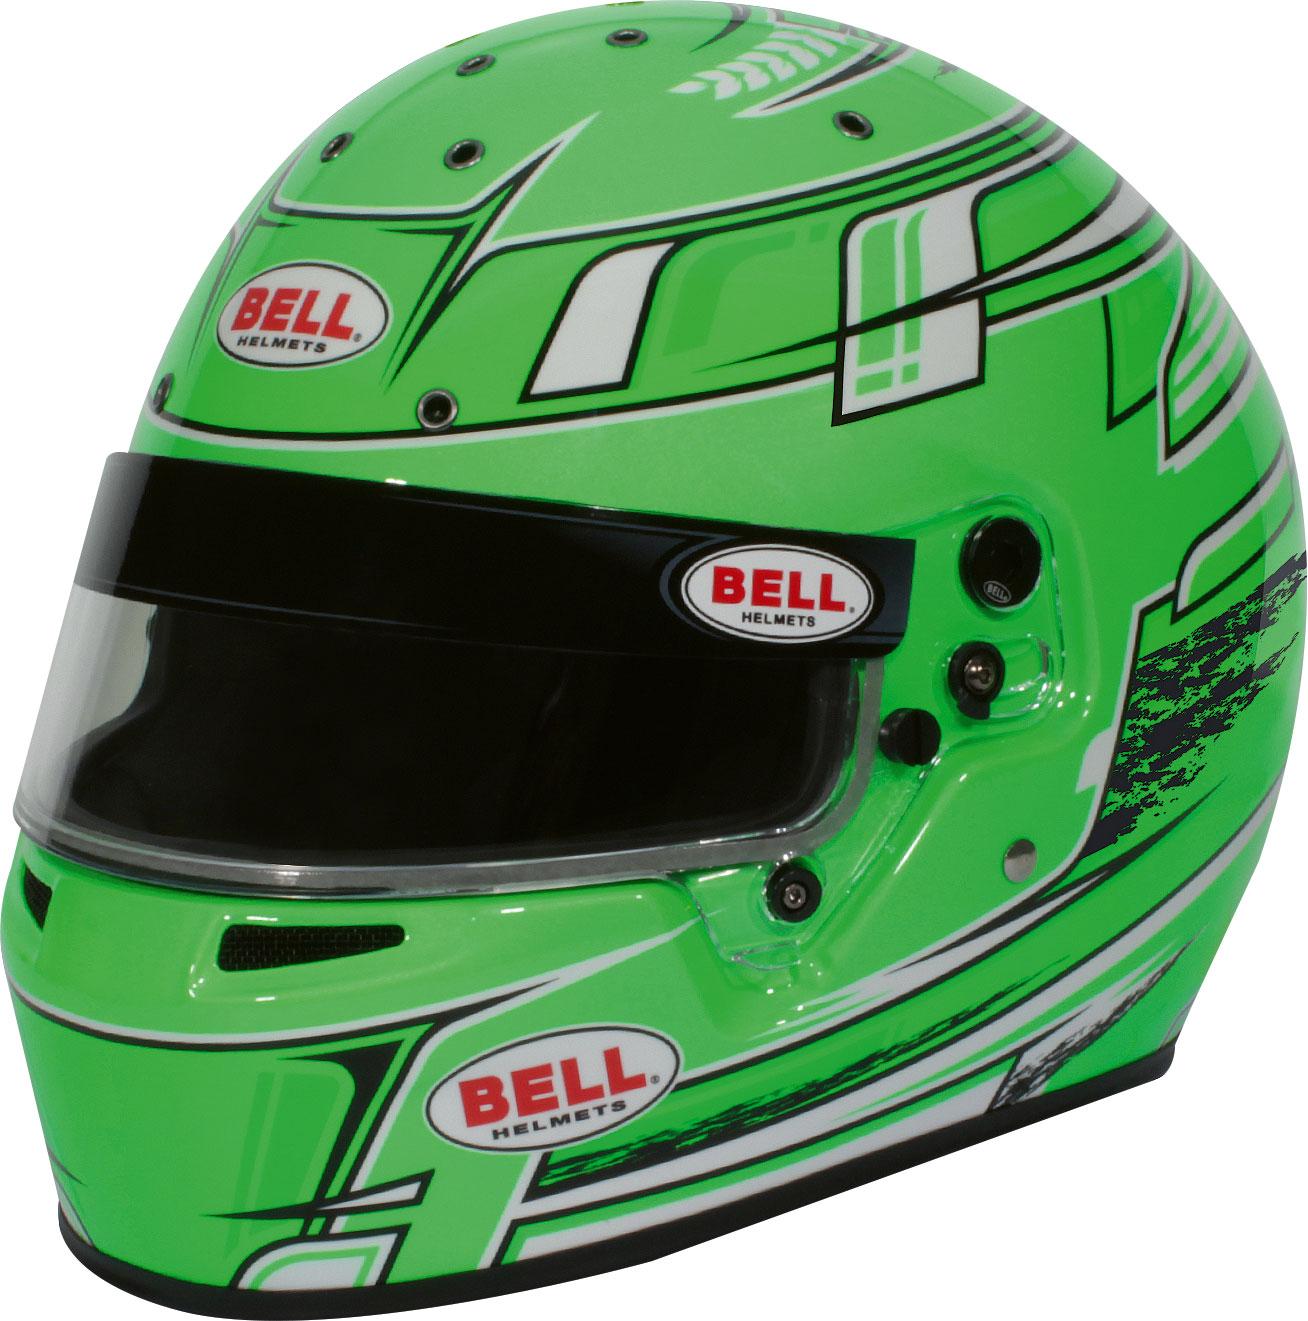 BELL Helm KC7 CMR